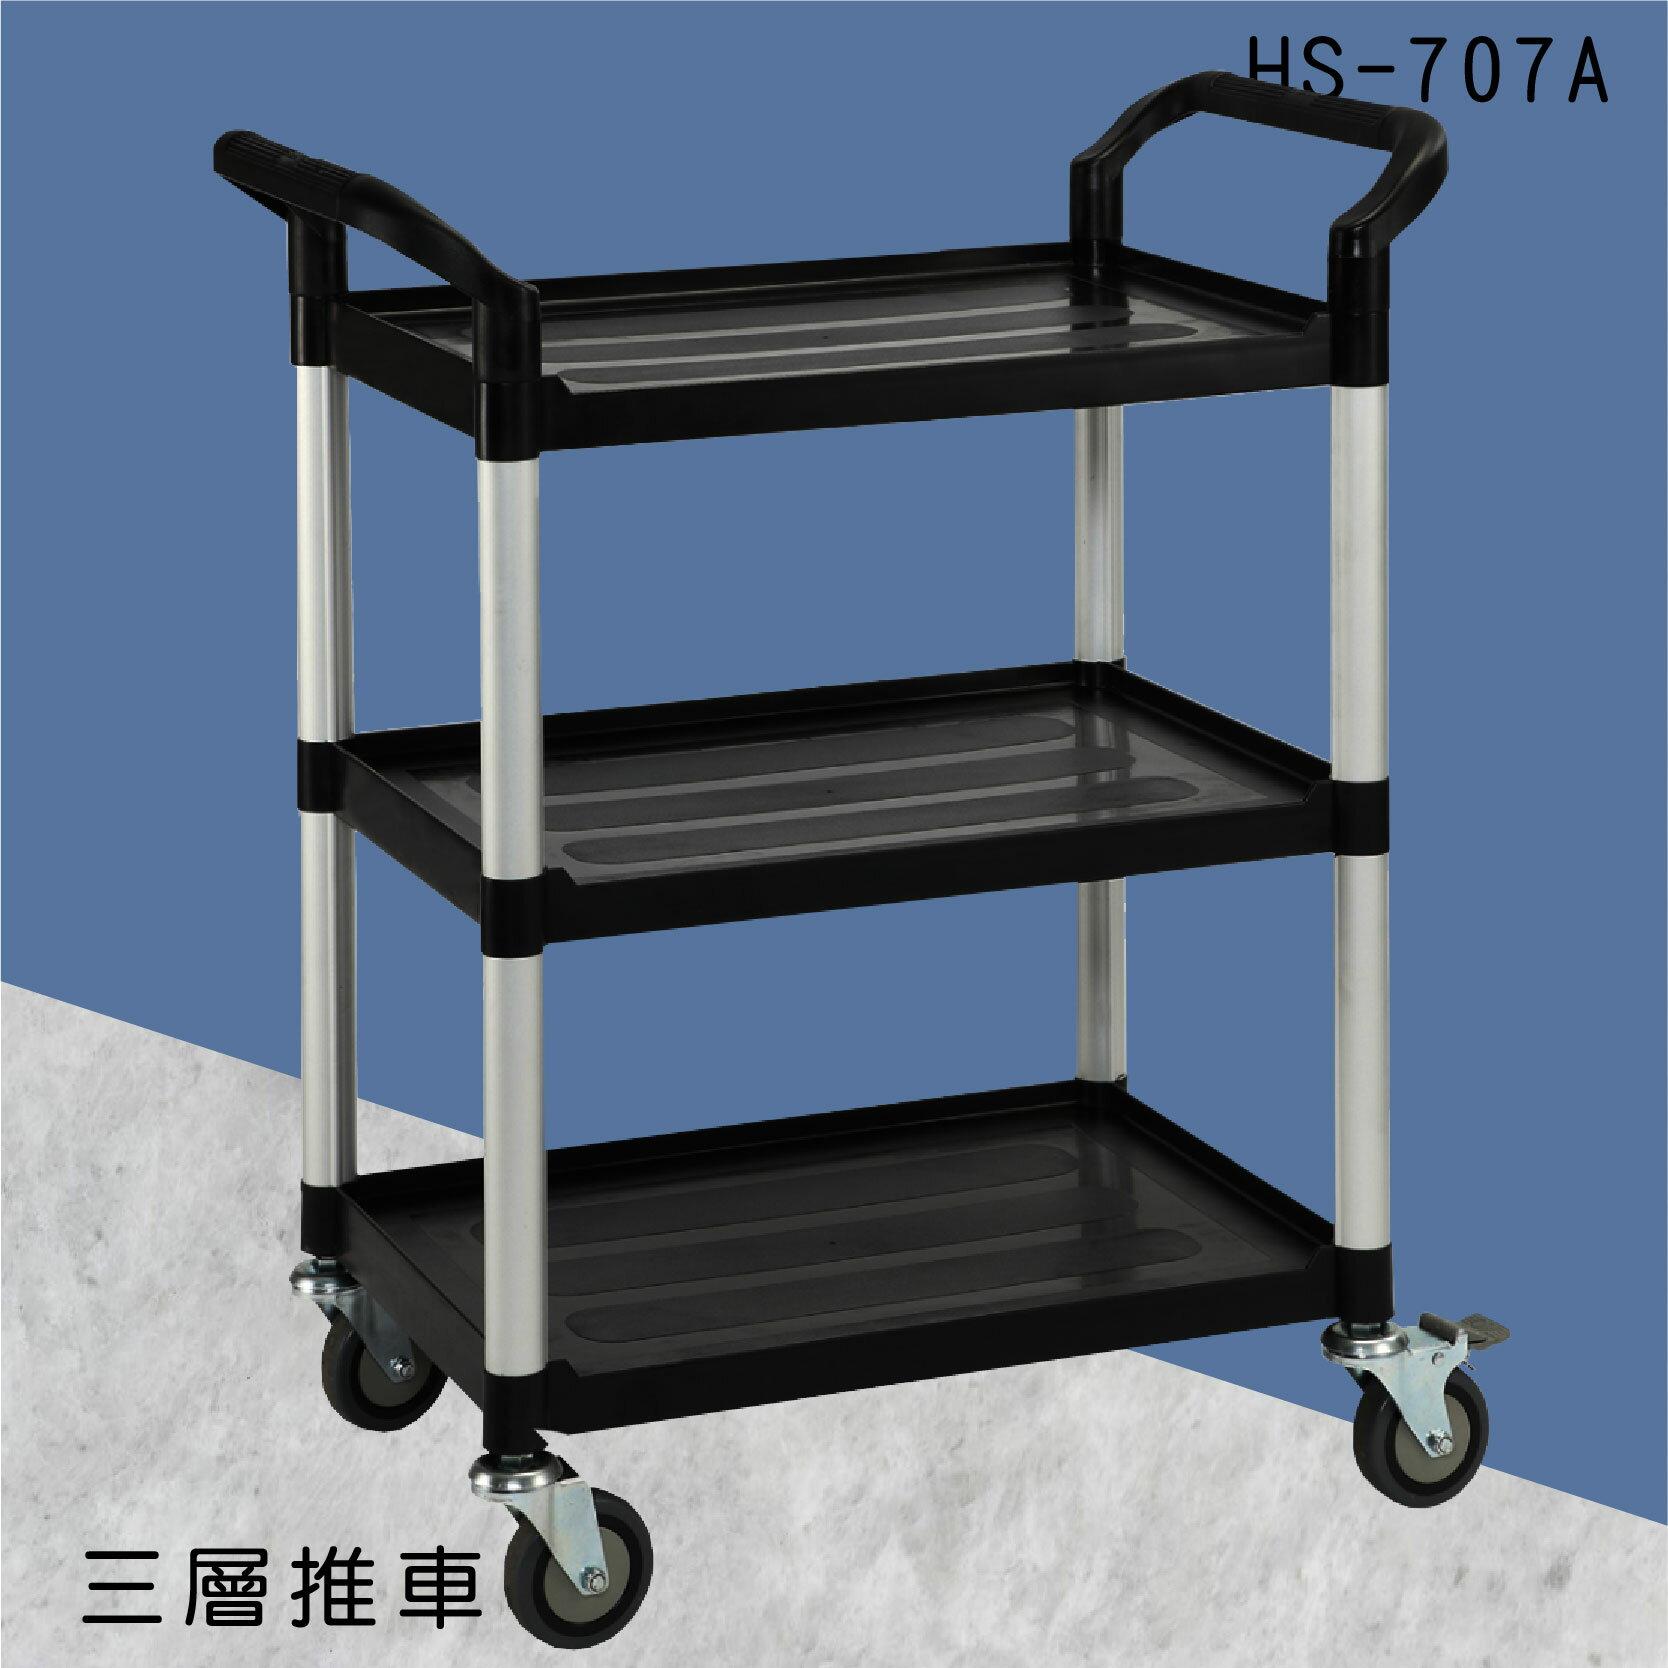 【華塑】HS-707A 新型三層推車 推車 工具車 運送 收納 餐車